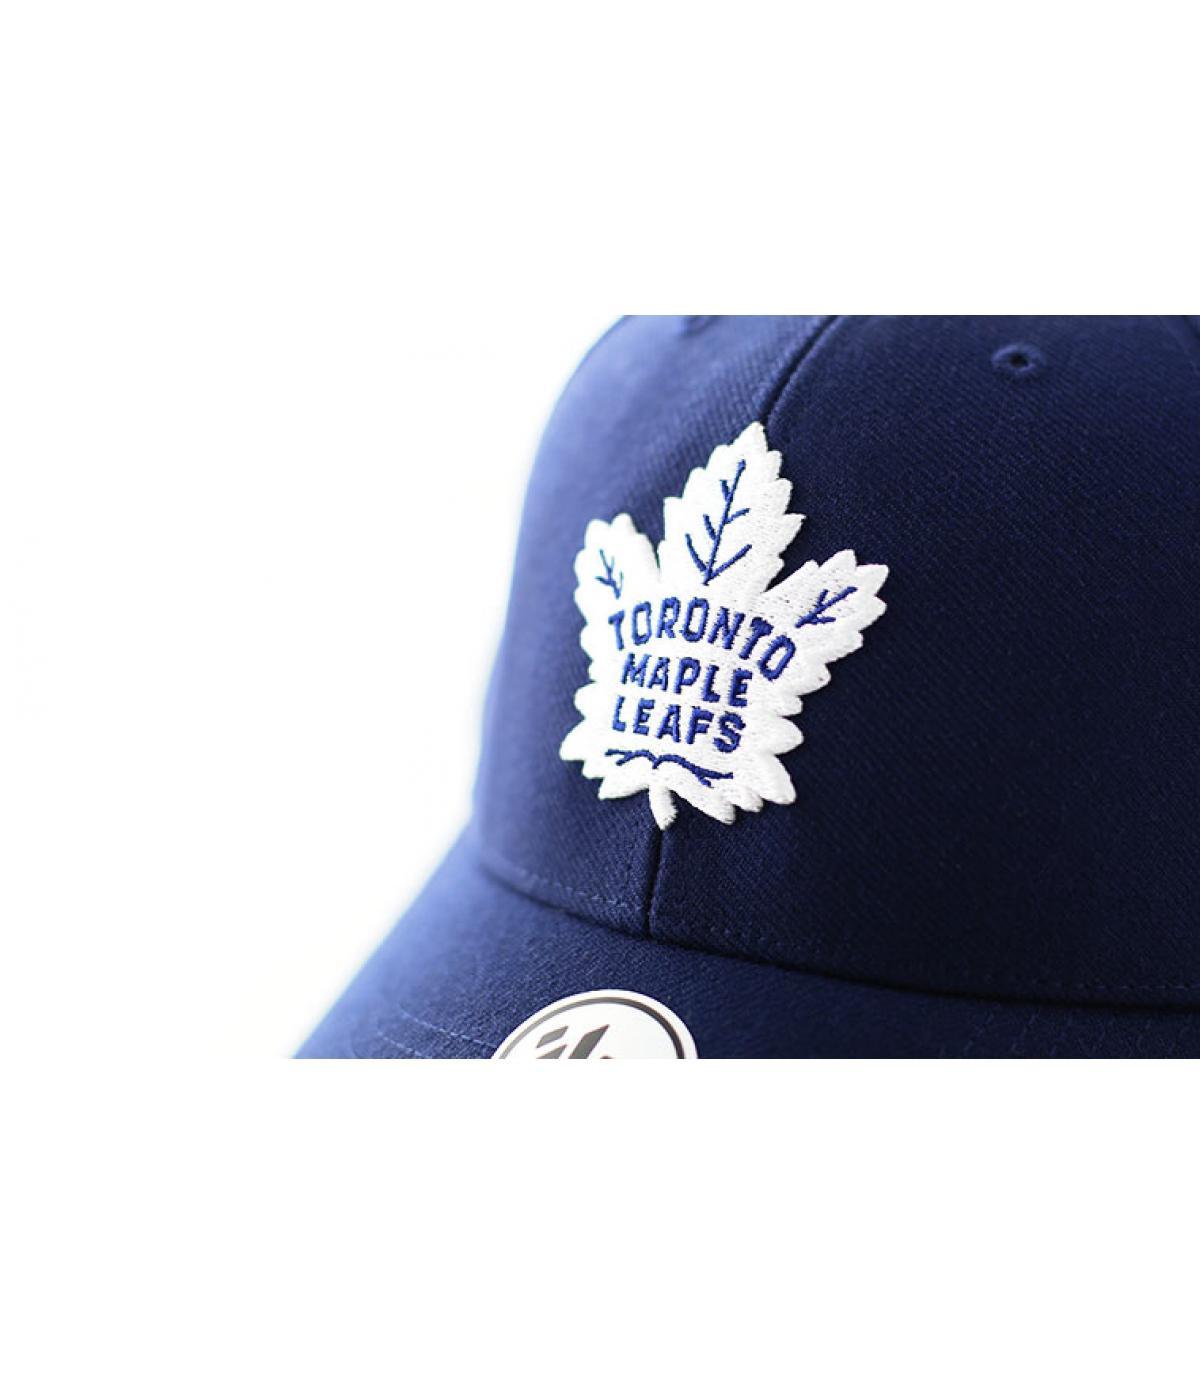 Detalles MVP Toronto Maple Leafs light navy imagen 3